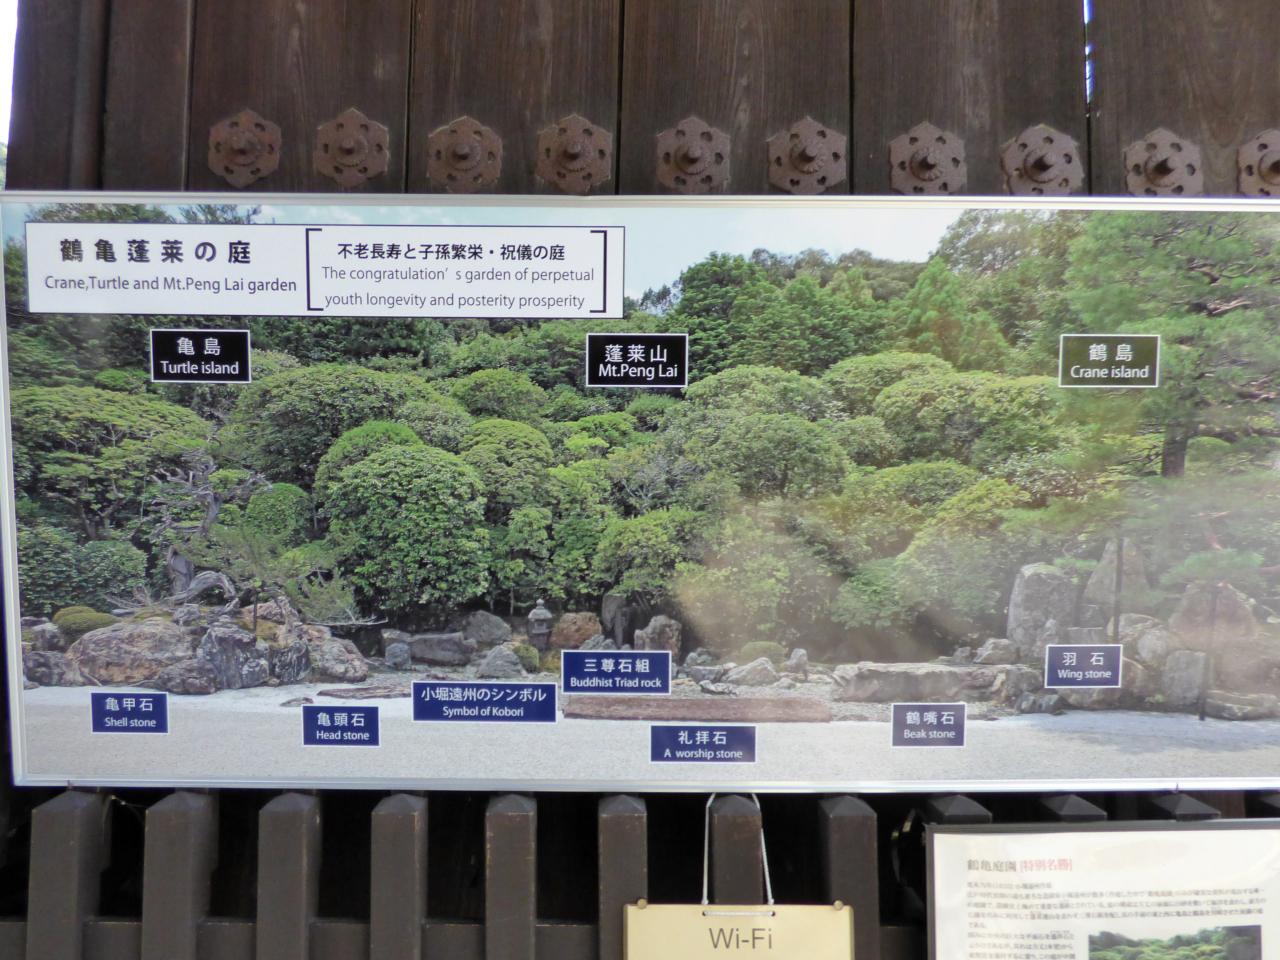 金地院の鶴亀蓬莱の庭